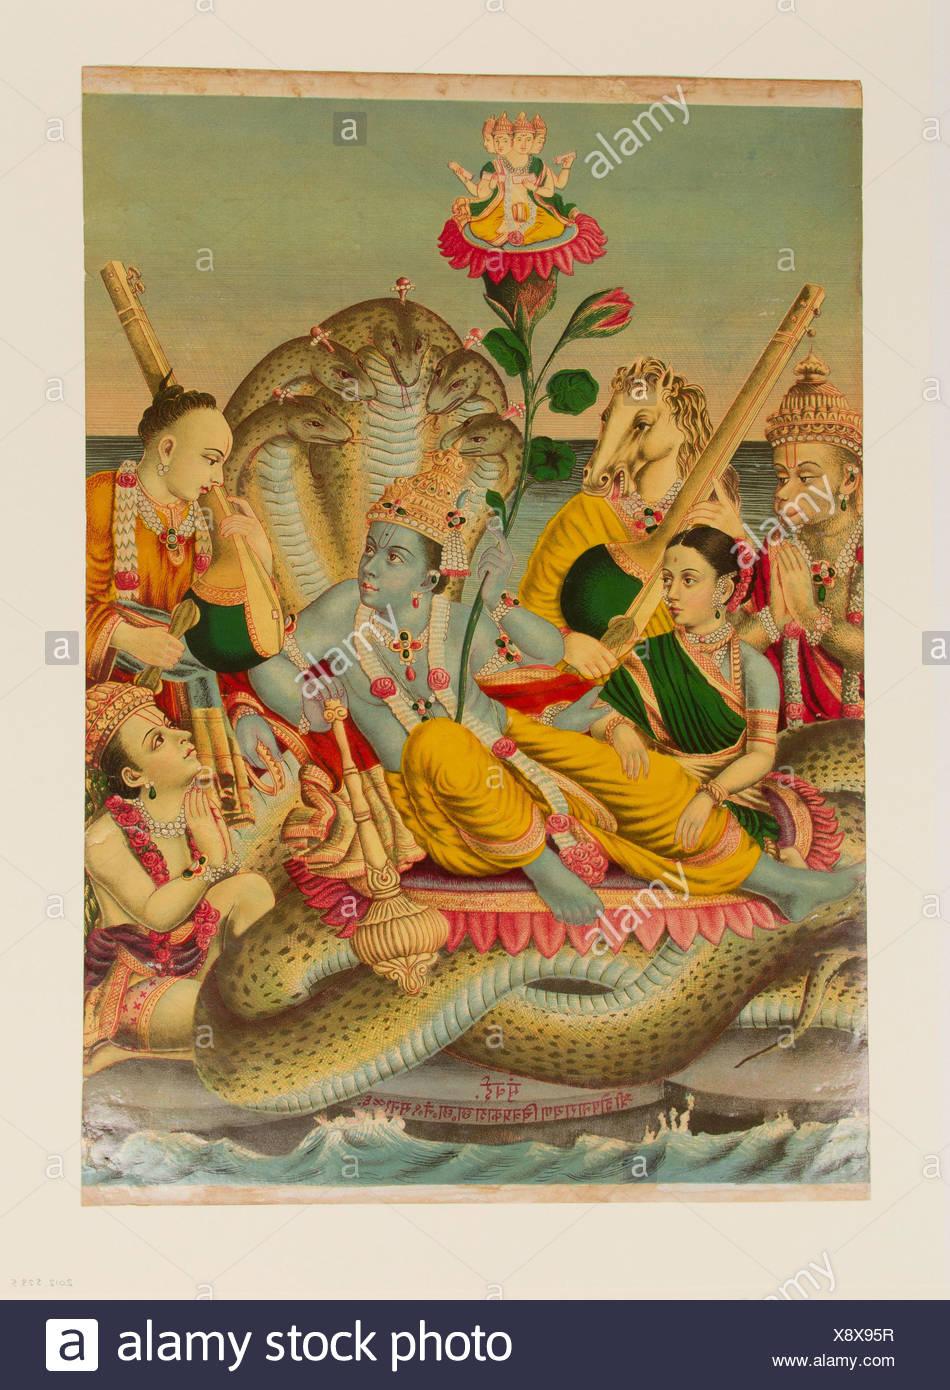 Shri Sheshanarayana, Vishnu Narayana on Shesha. Date: 1886; Culture: India; Medium: Chromolithographic print on paper; Dimensions: Image: 19 1/8 x 14 - Stock Image